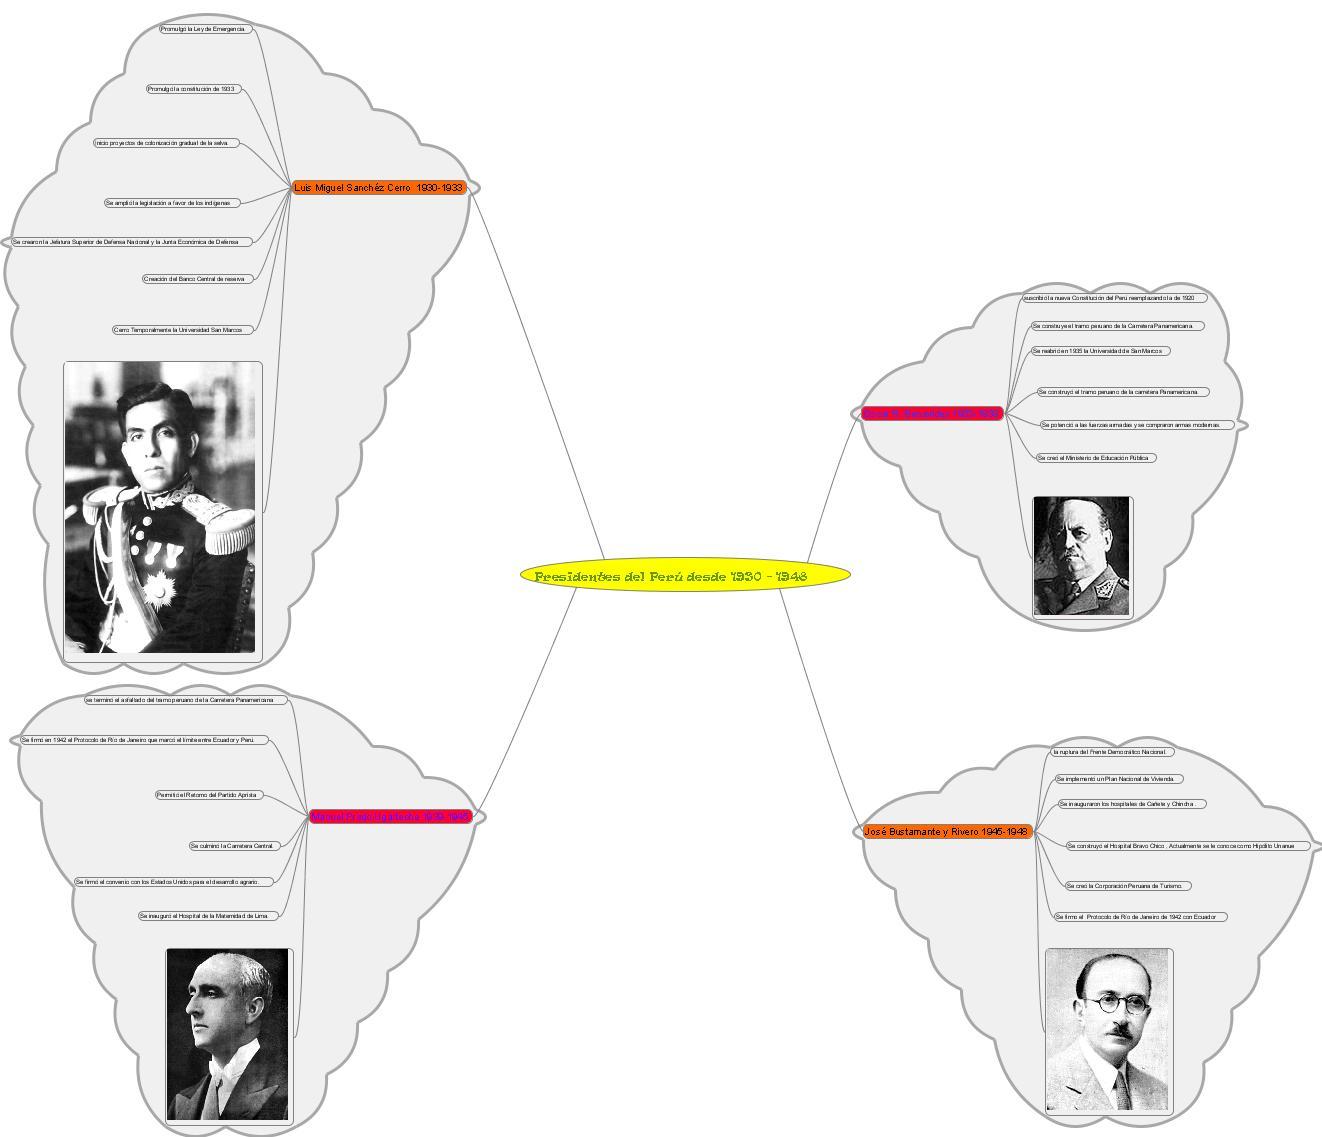 Presidentes del Perú 1940-1968